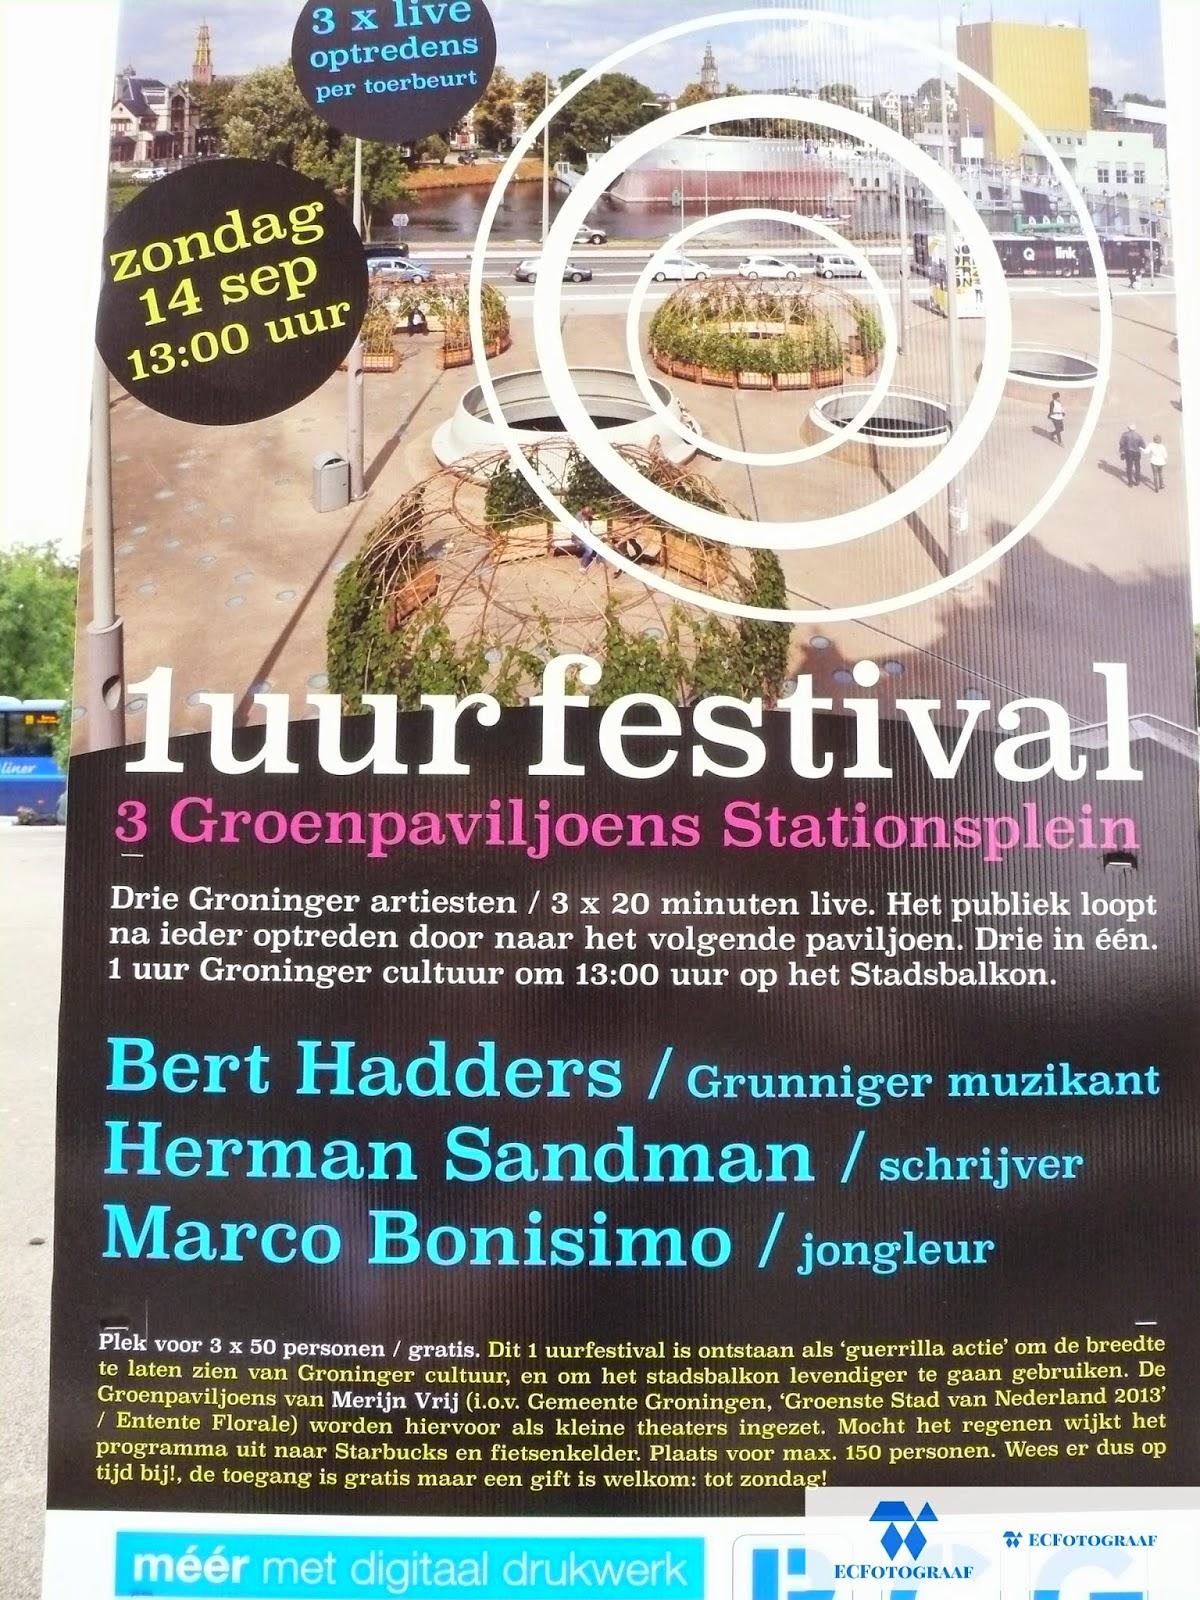 http://ecfotograaf.wordpress.com/2014/09/15/1-uur-festival-in-groenpaviljoens-stationsplein-nieuw-muziek-theatraal-platform-is-geboren/